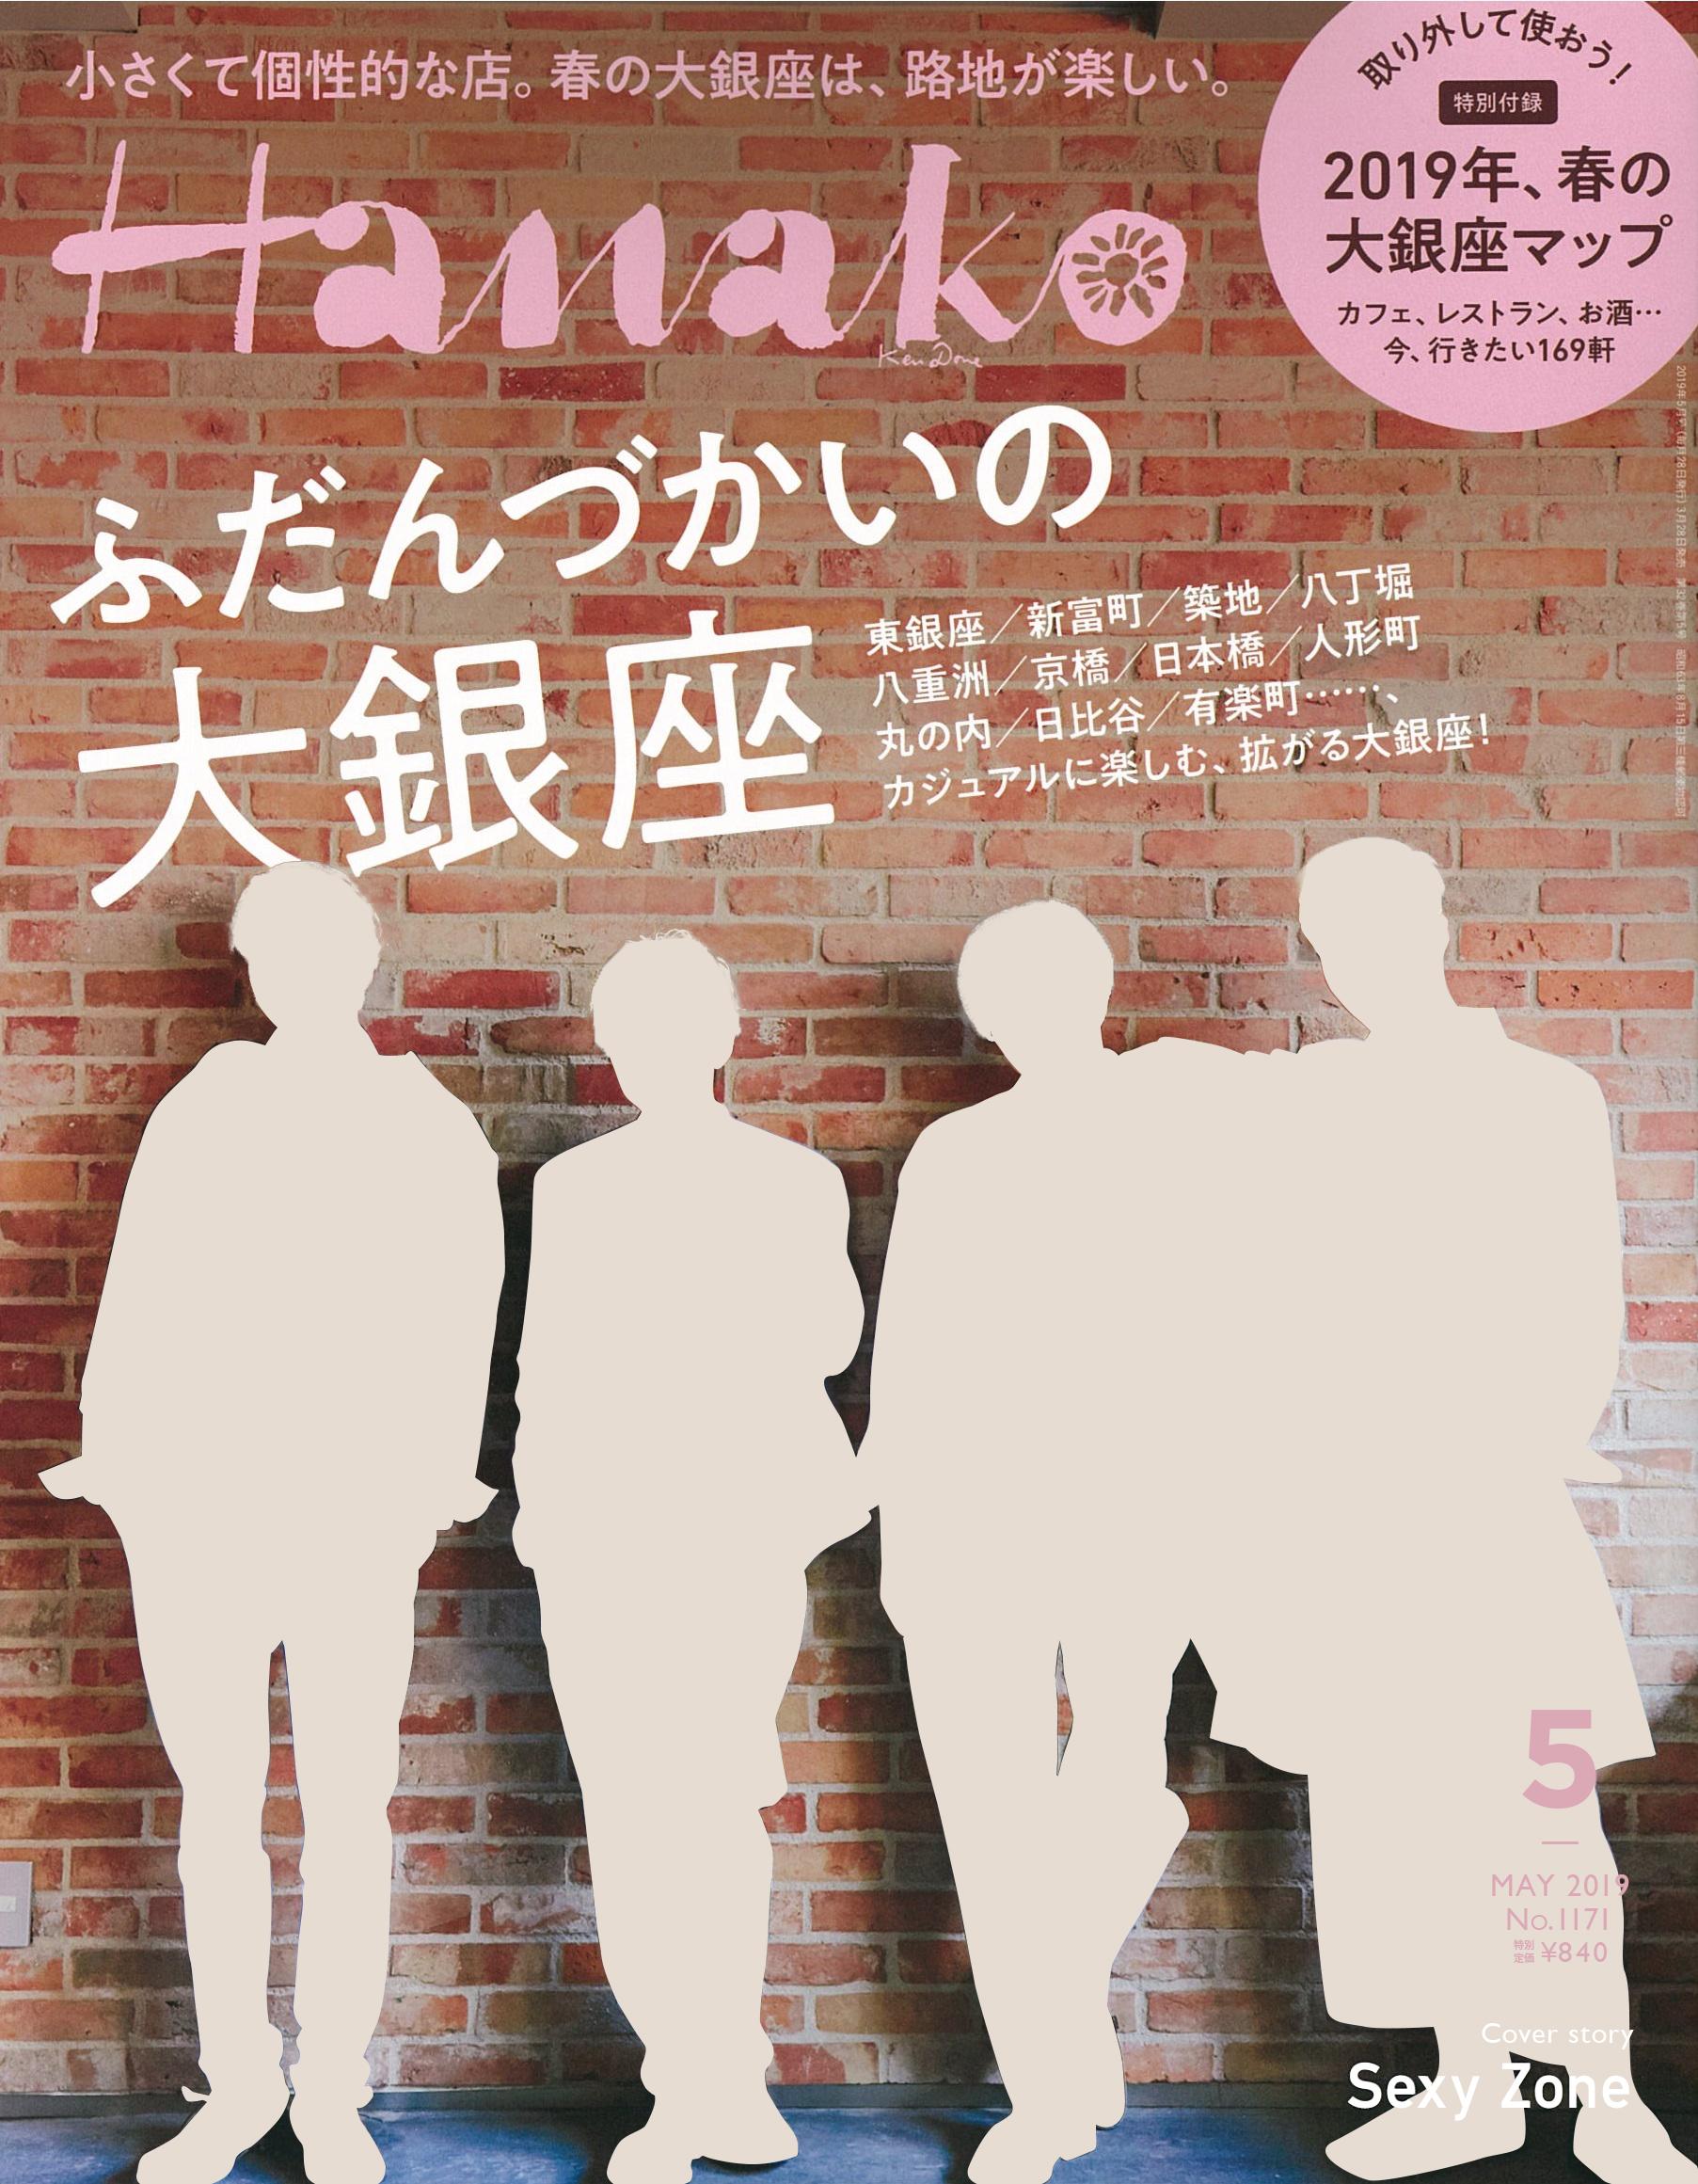 19.3.28_Hanako_表紙